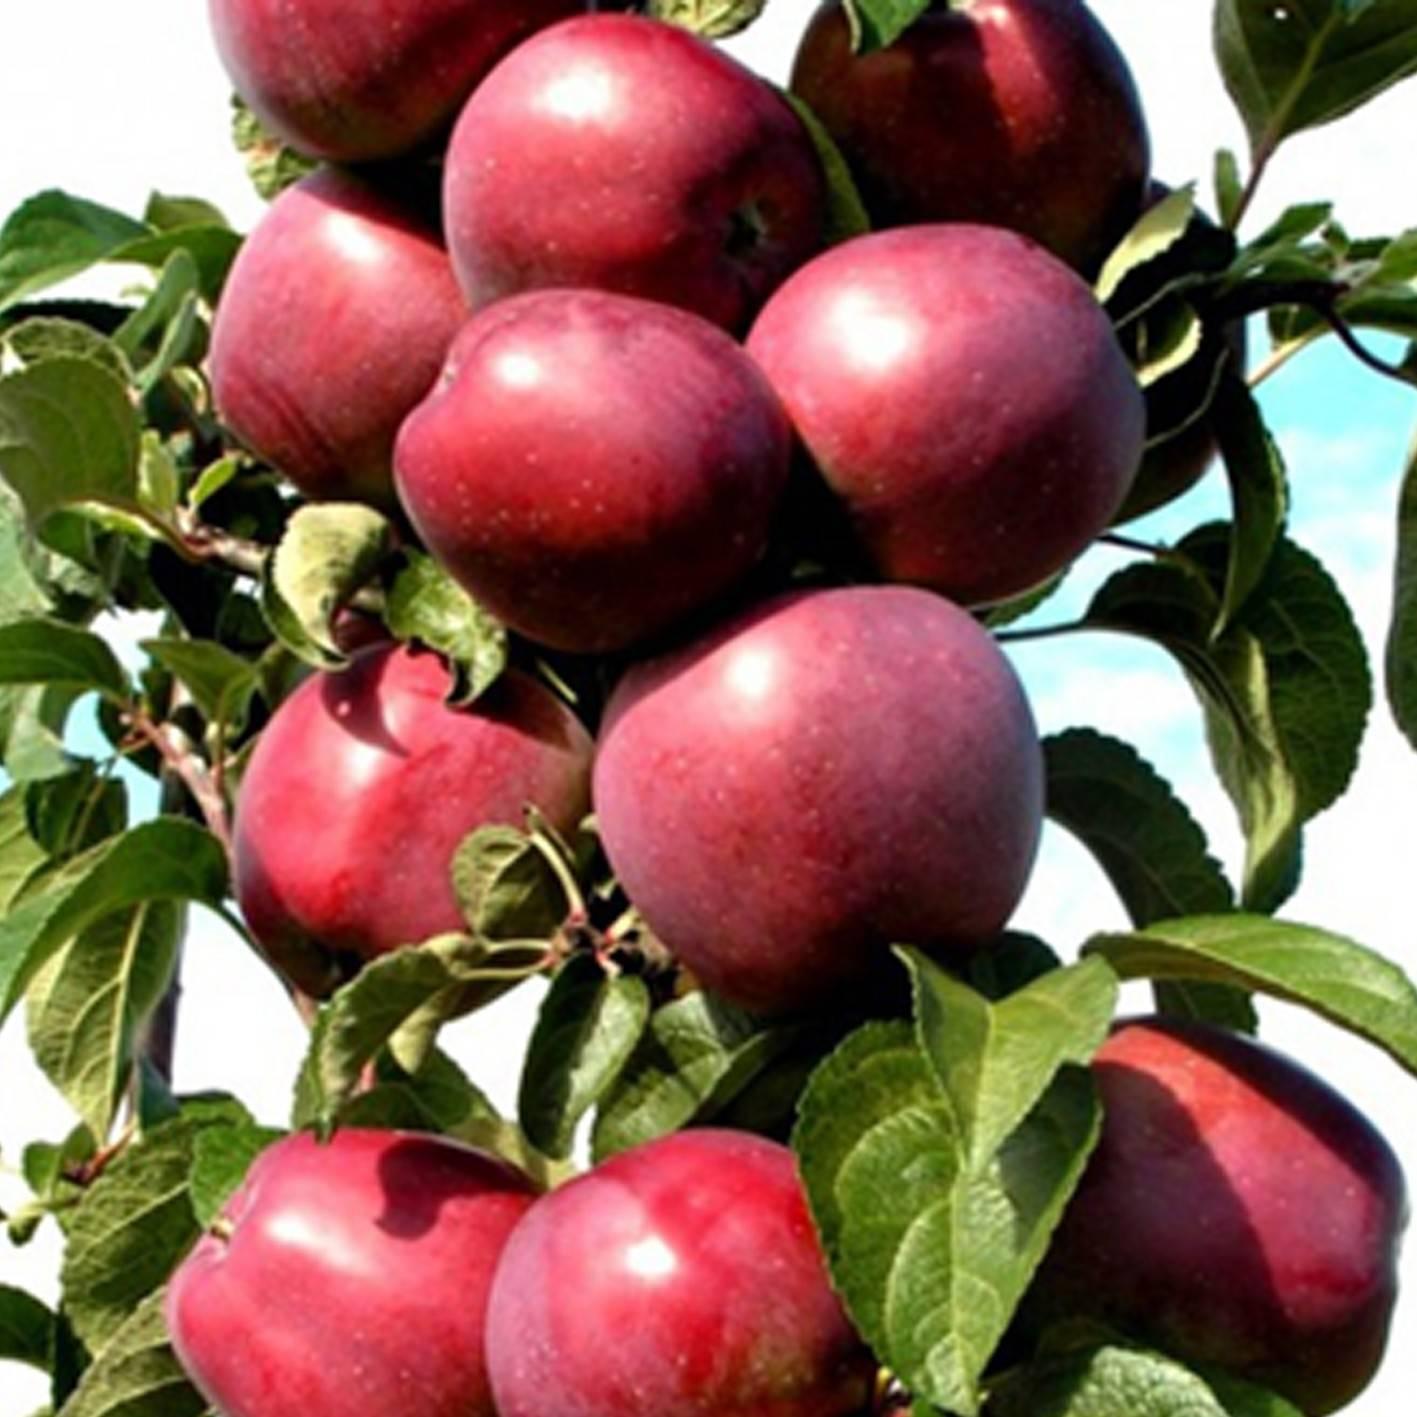 О яблоне колоновидной Червонец: описание и характеристики сорта, посадка и уход